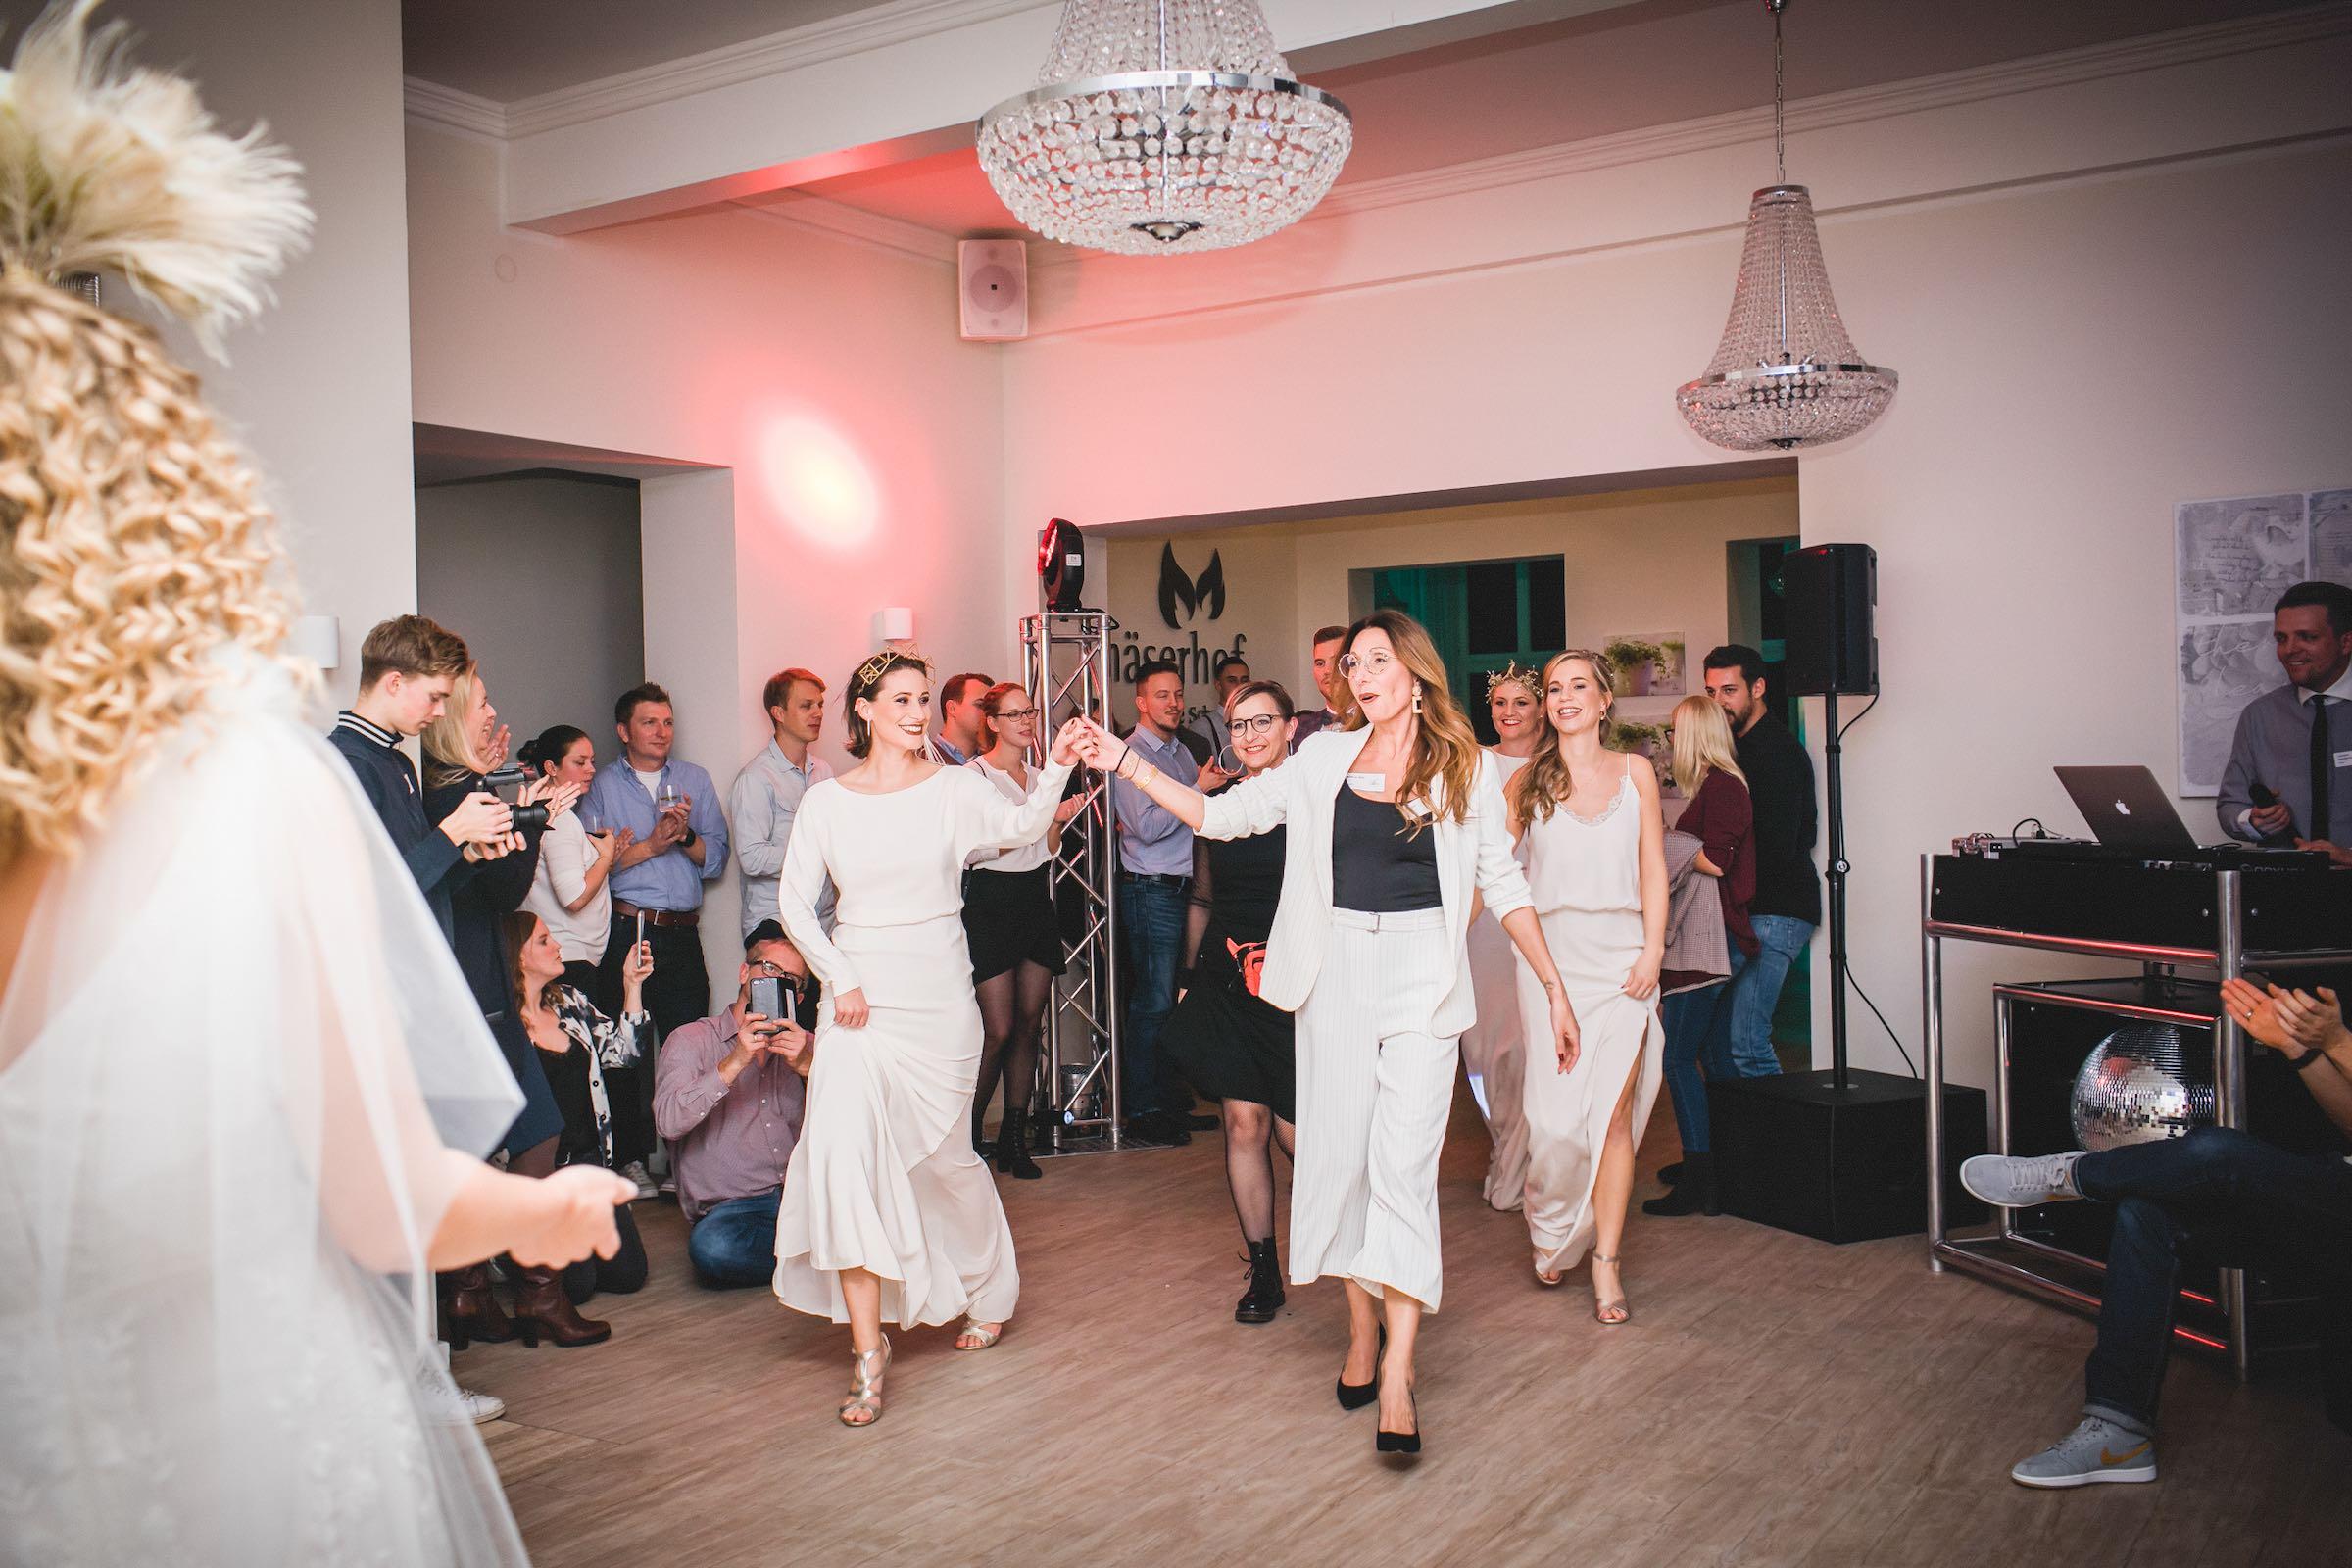 Häserhof | Reddestorf | Location | Referenz | DJ | Service | DJ | Agentur | DJ | Hochzeit | Hochzeits | DJ | Mieten | Buchen | Lehmann | Eventservice